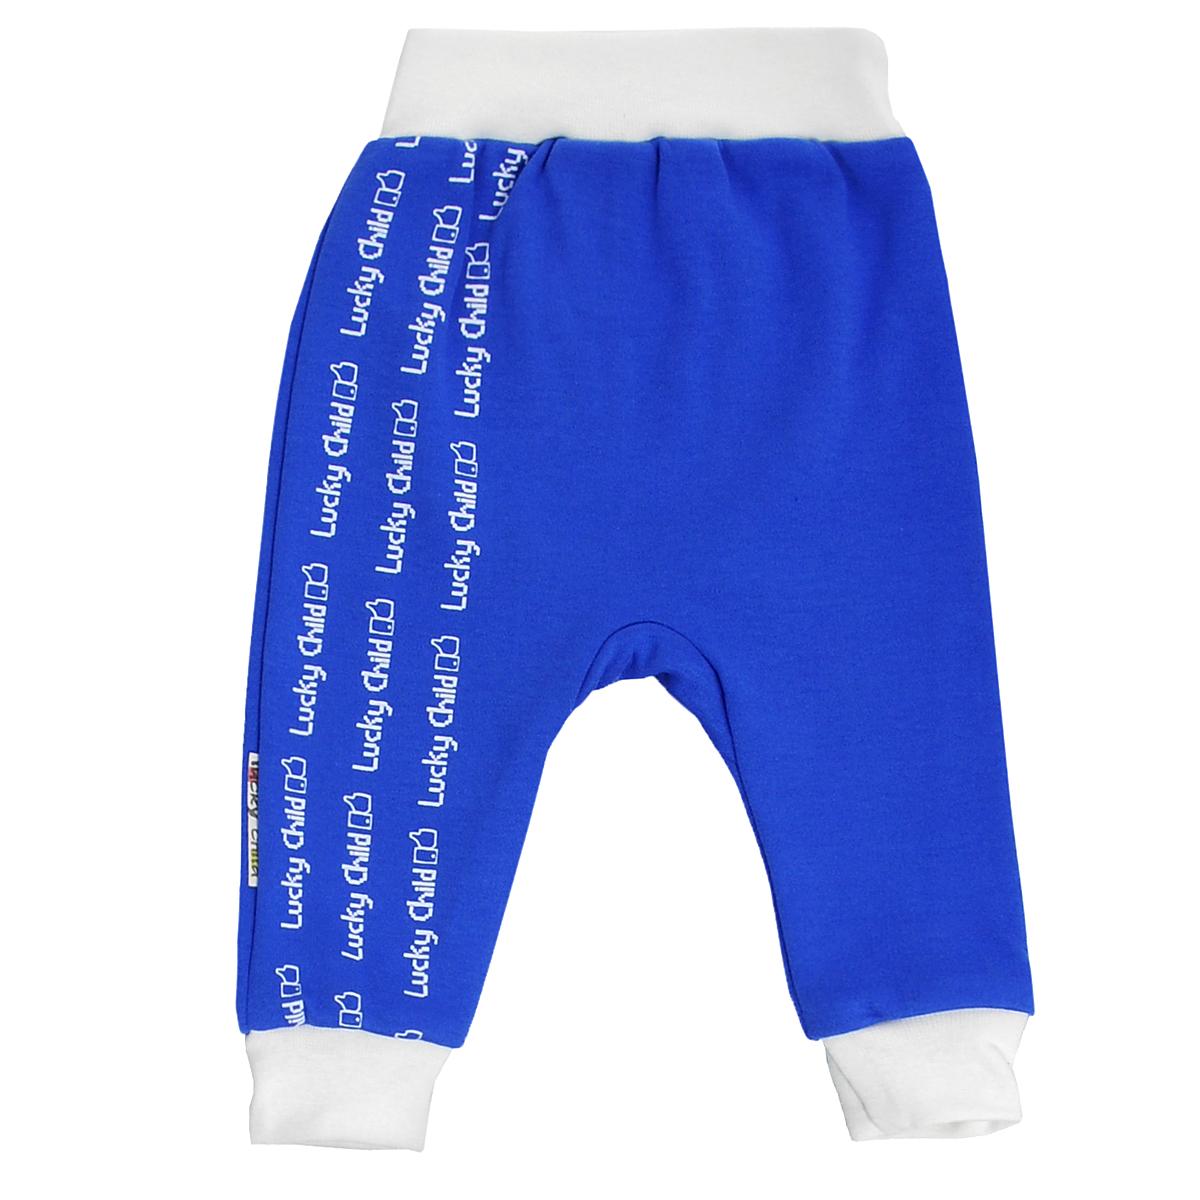 Штанишки на широком поясе для мальчика Lucky Child, цвет: синий. 9-11. Размер 56/629-11Удобные штанишки для мальчика Lucky Child на широком поясе послужат идеальным дополнением к гардеробу вашего малыша. Штанишки, изготовленные из натурального хлопка, необычайно мягкие и легкие, не раздражают нежную кожу ребенка и хорошо вентилируются, а эластичные швы приятны телу младенца и не препятствуют его движениям. Штанишки благодаря мягкому эластичному поясу не сдавливают животик ребенка и не сползают, обеспечивая ему наибольший комфорт, идеально подходят для ношения с подгузником и без него. Снизу брючины дополнены широкими трикотажными манжетами, не пережимающими ножку. Спереди они оформлены оригинальным принтом в виде логотипа бренда.Штанишки очень удобный и практичный вид одежды для малышей, которые уже немного подросли. Отлично сочетаются с футболками, кофточками и боди.В таких штанишках вашему малышу будет уютно и комфортно!